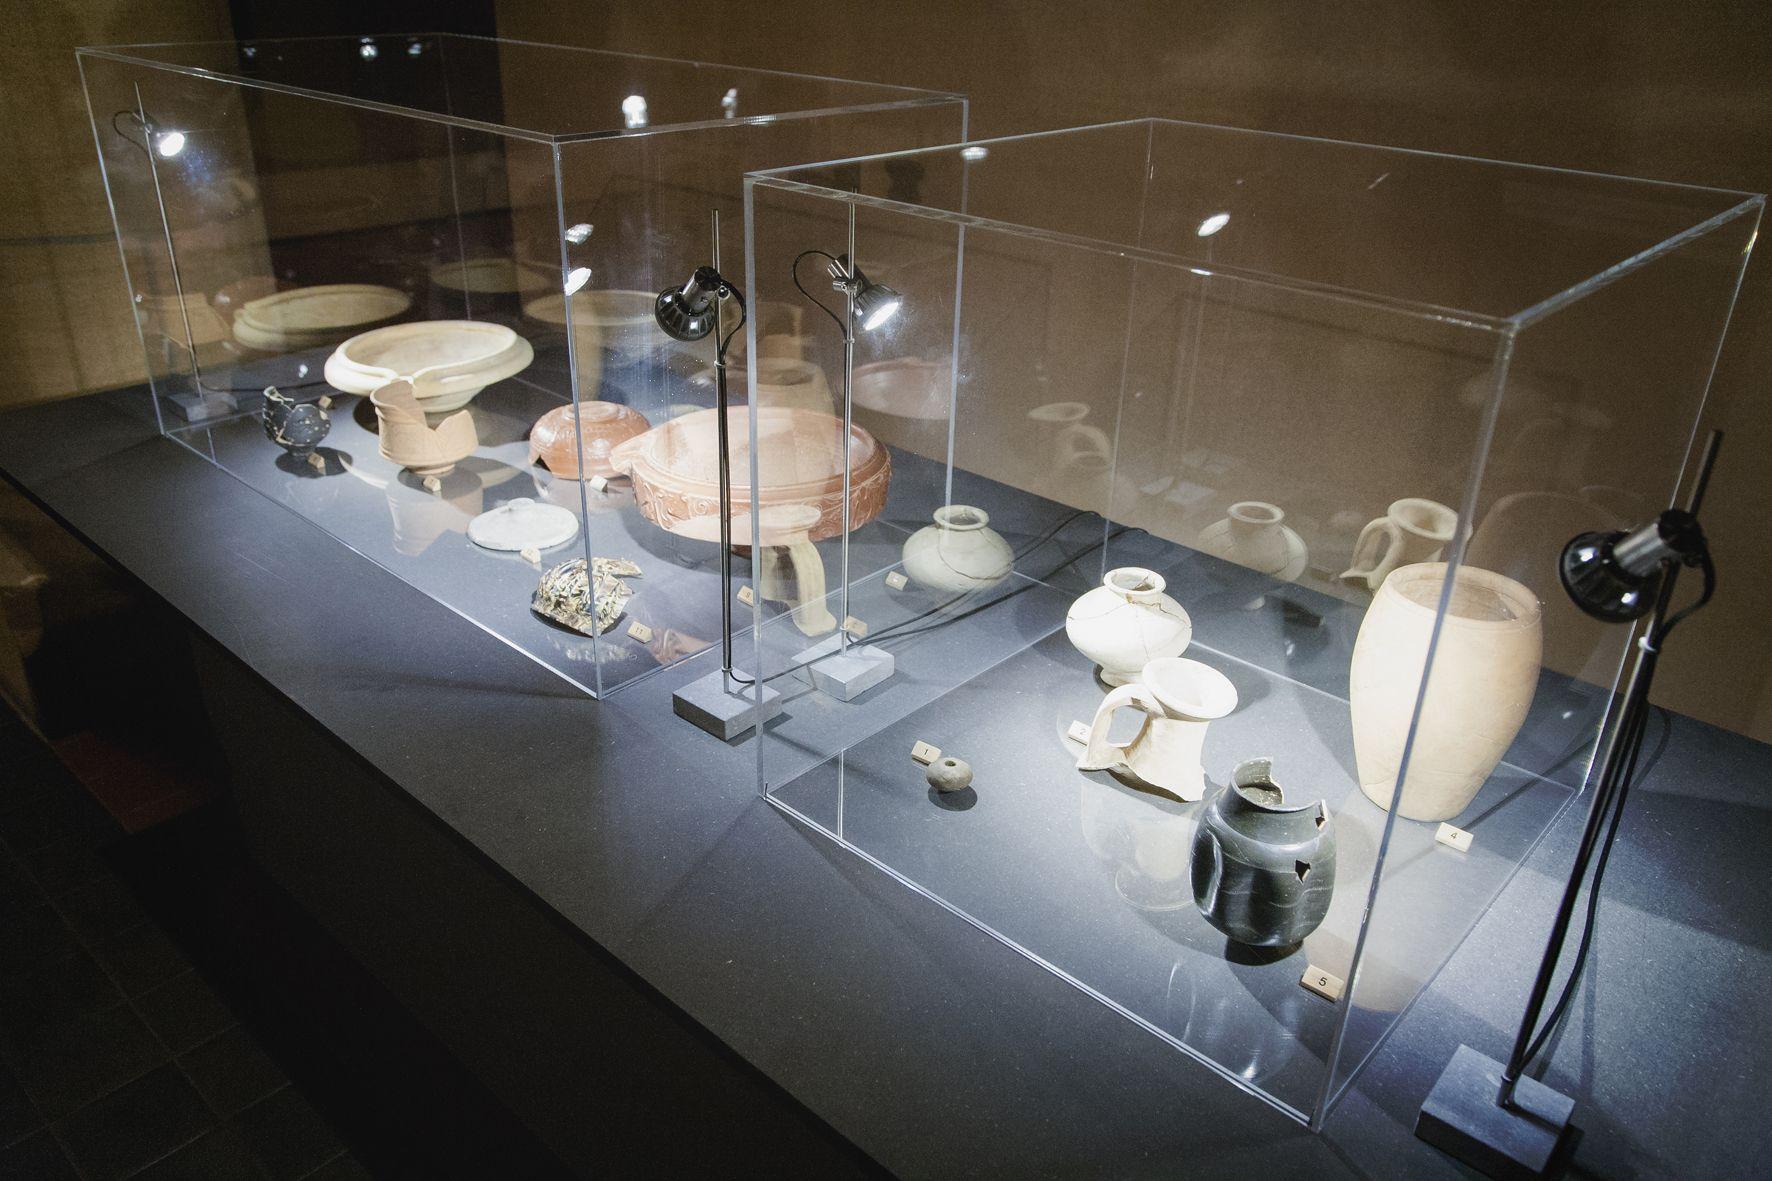 Tentoonstelling 2015: Graven in Ouwen! Eén eeuw archeologie. Een aantal vondsten uit het rijke archeologische verleden van Grobbendonk en Bouwel